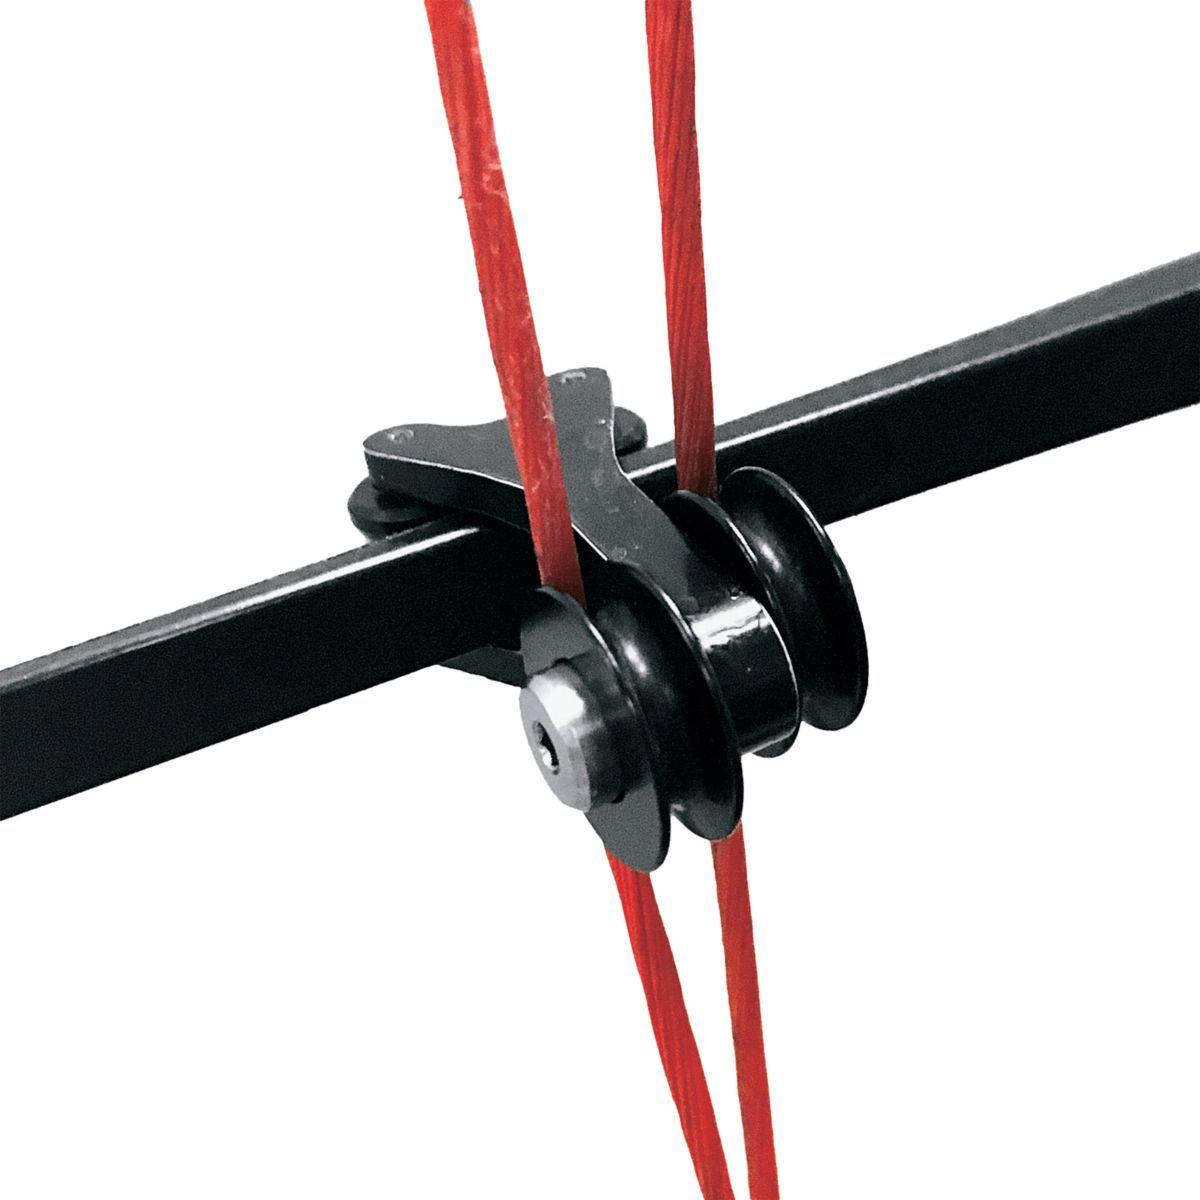 PSE Roller Glide Cable-Guard Slide